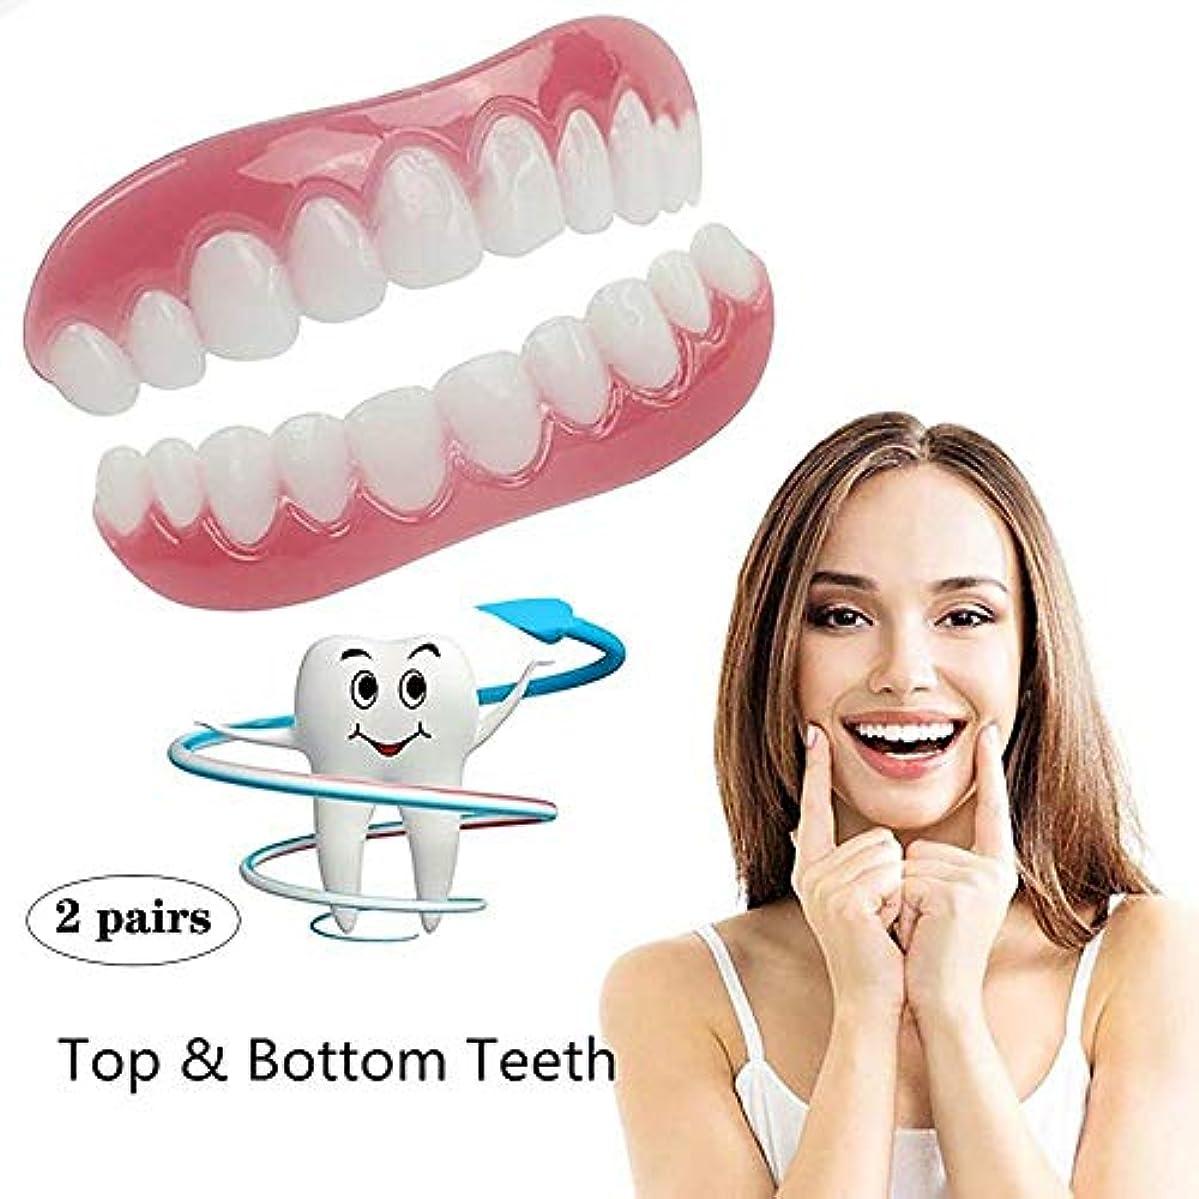 とまり木等々フローティング2対の歯のベニヤ化粧品の歯のスナップオンセキュアアッパーロアフレックスデンタルベニア義歯ケアファッション